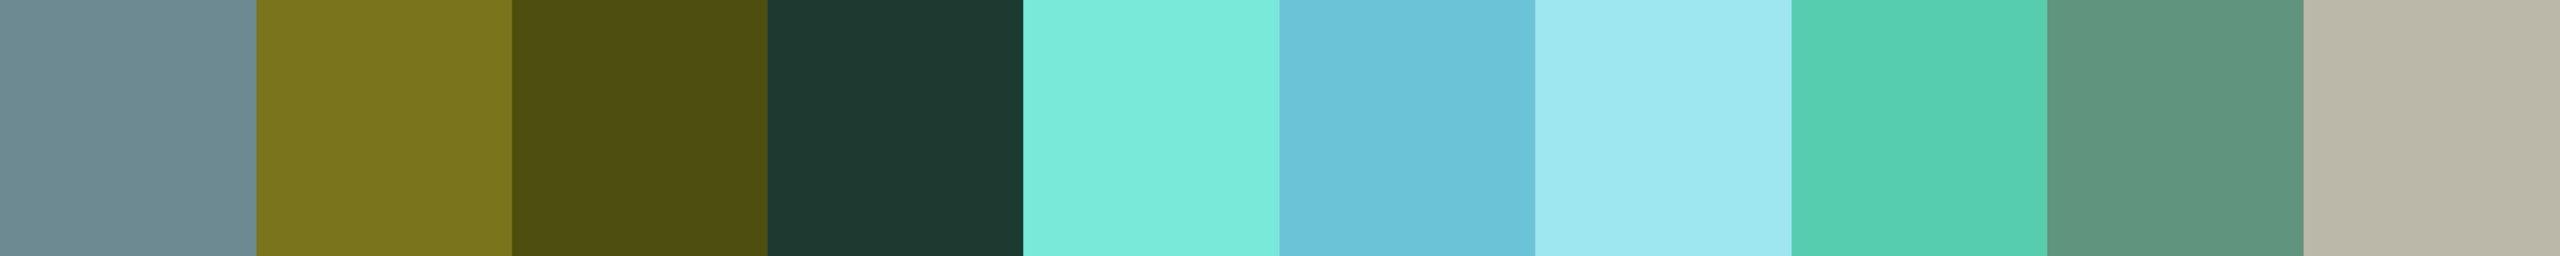 644 Gaelica Color Palette